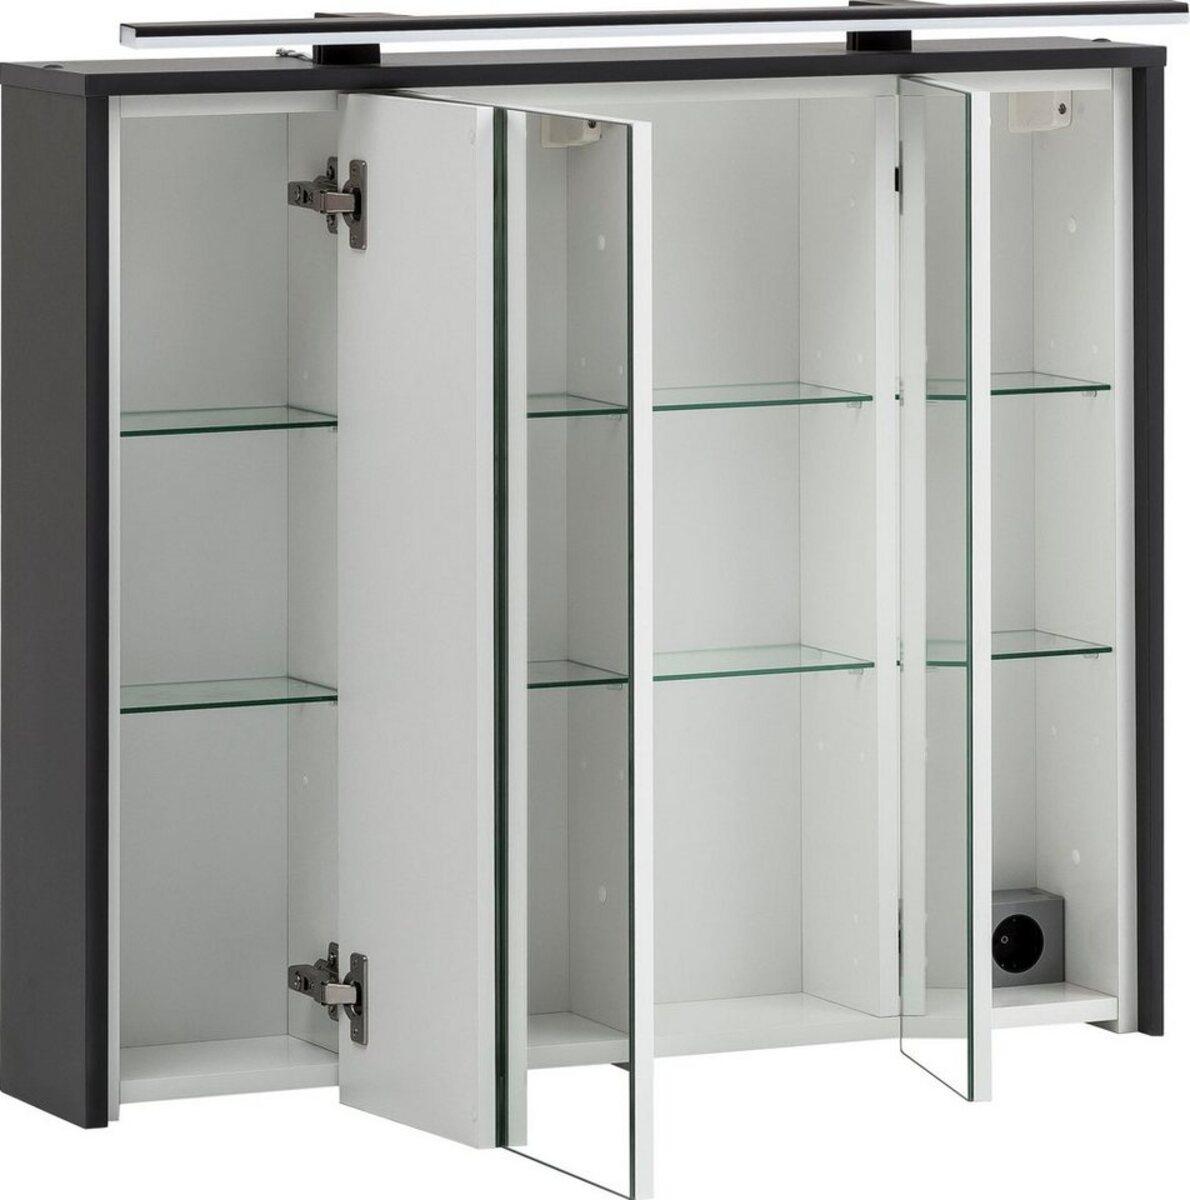 Bild 5 von Schildmeyer Spiegelschrank Breite 83,5 cm, 3-türig, LED-Beleuchtung, Steckdosenbox, Soft-Close-Funktion, Glaseinlegeböden, montiert, Made in Germany